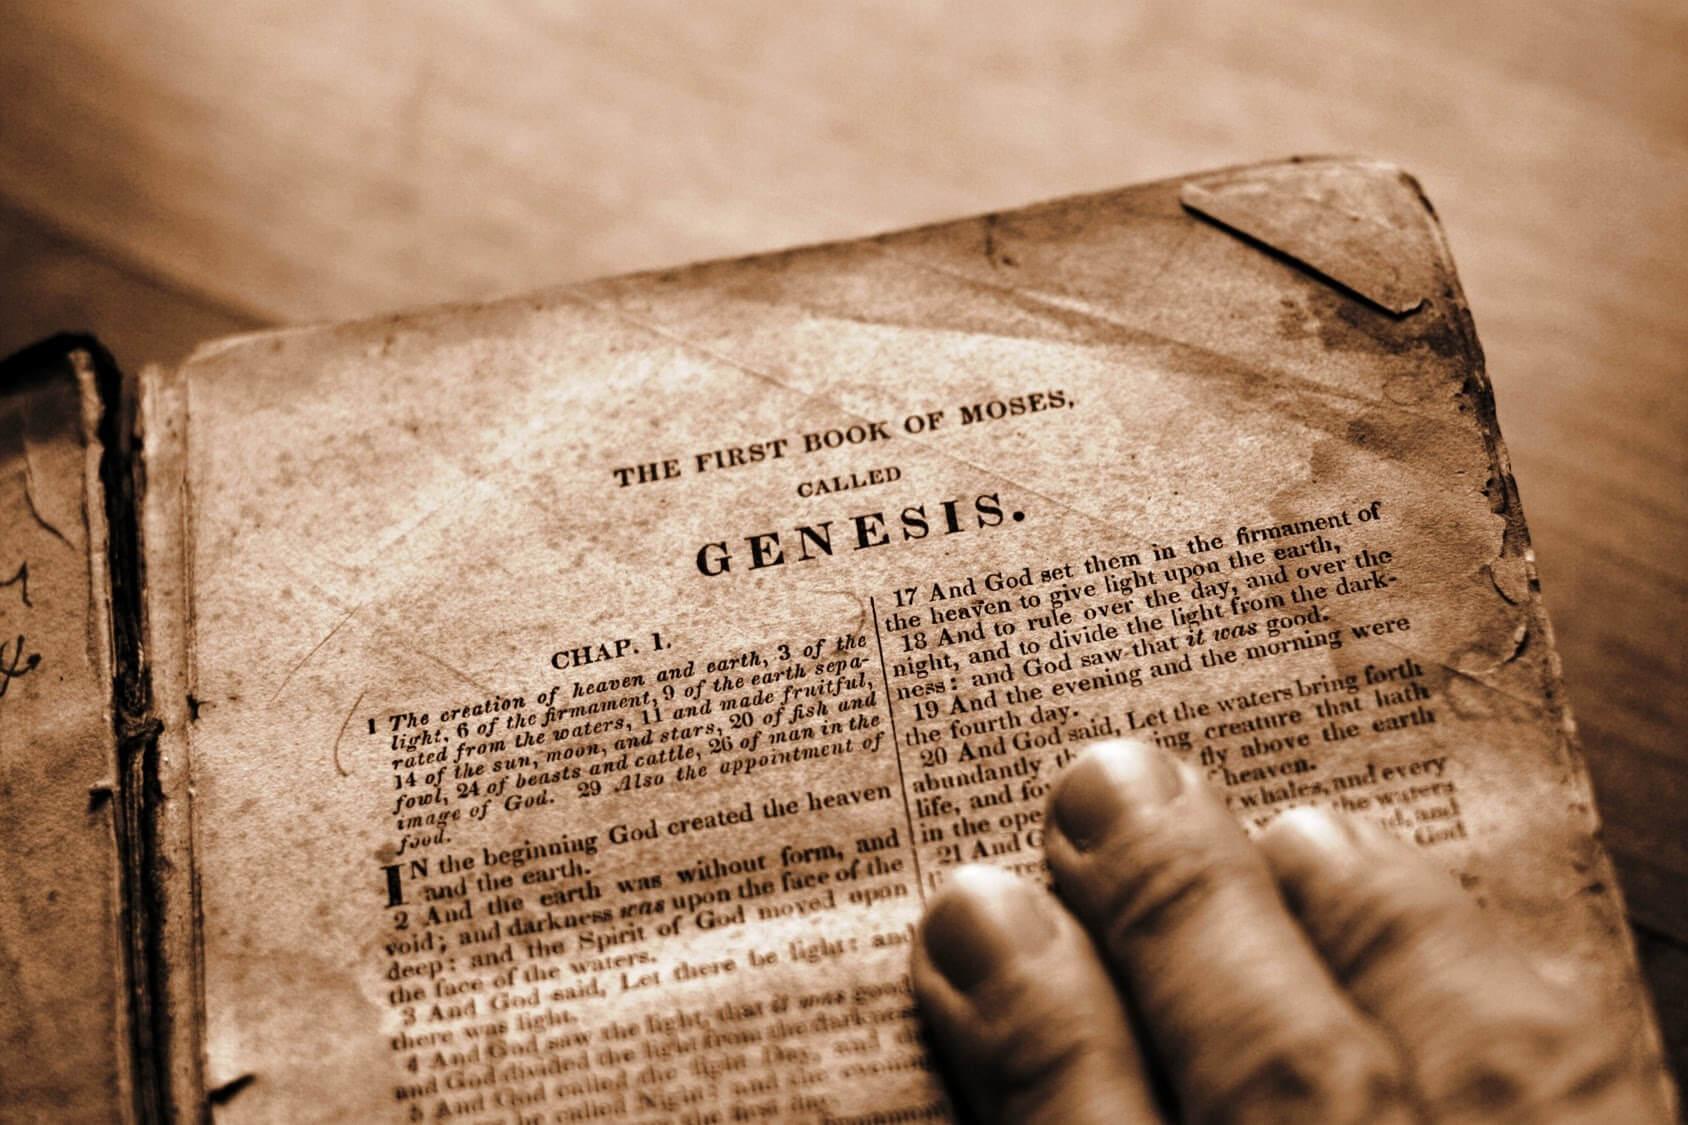 Esqueça o passado - Gênesis 41:51,52